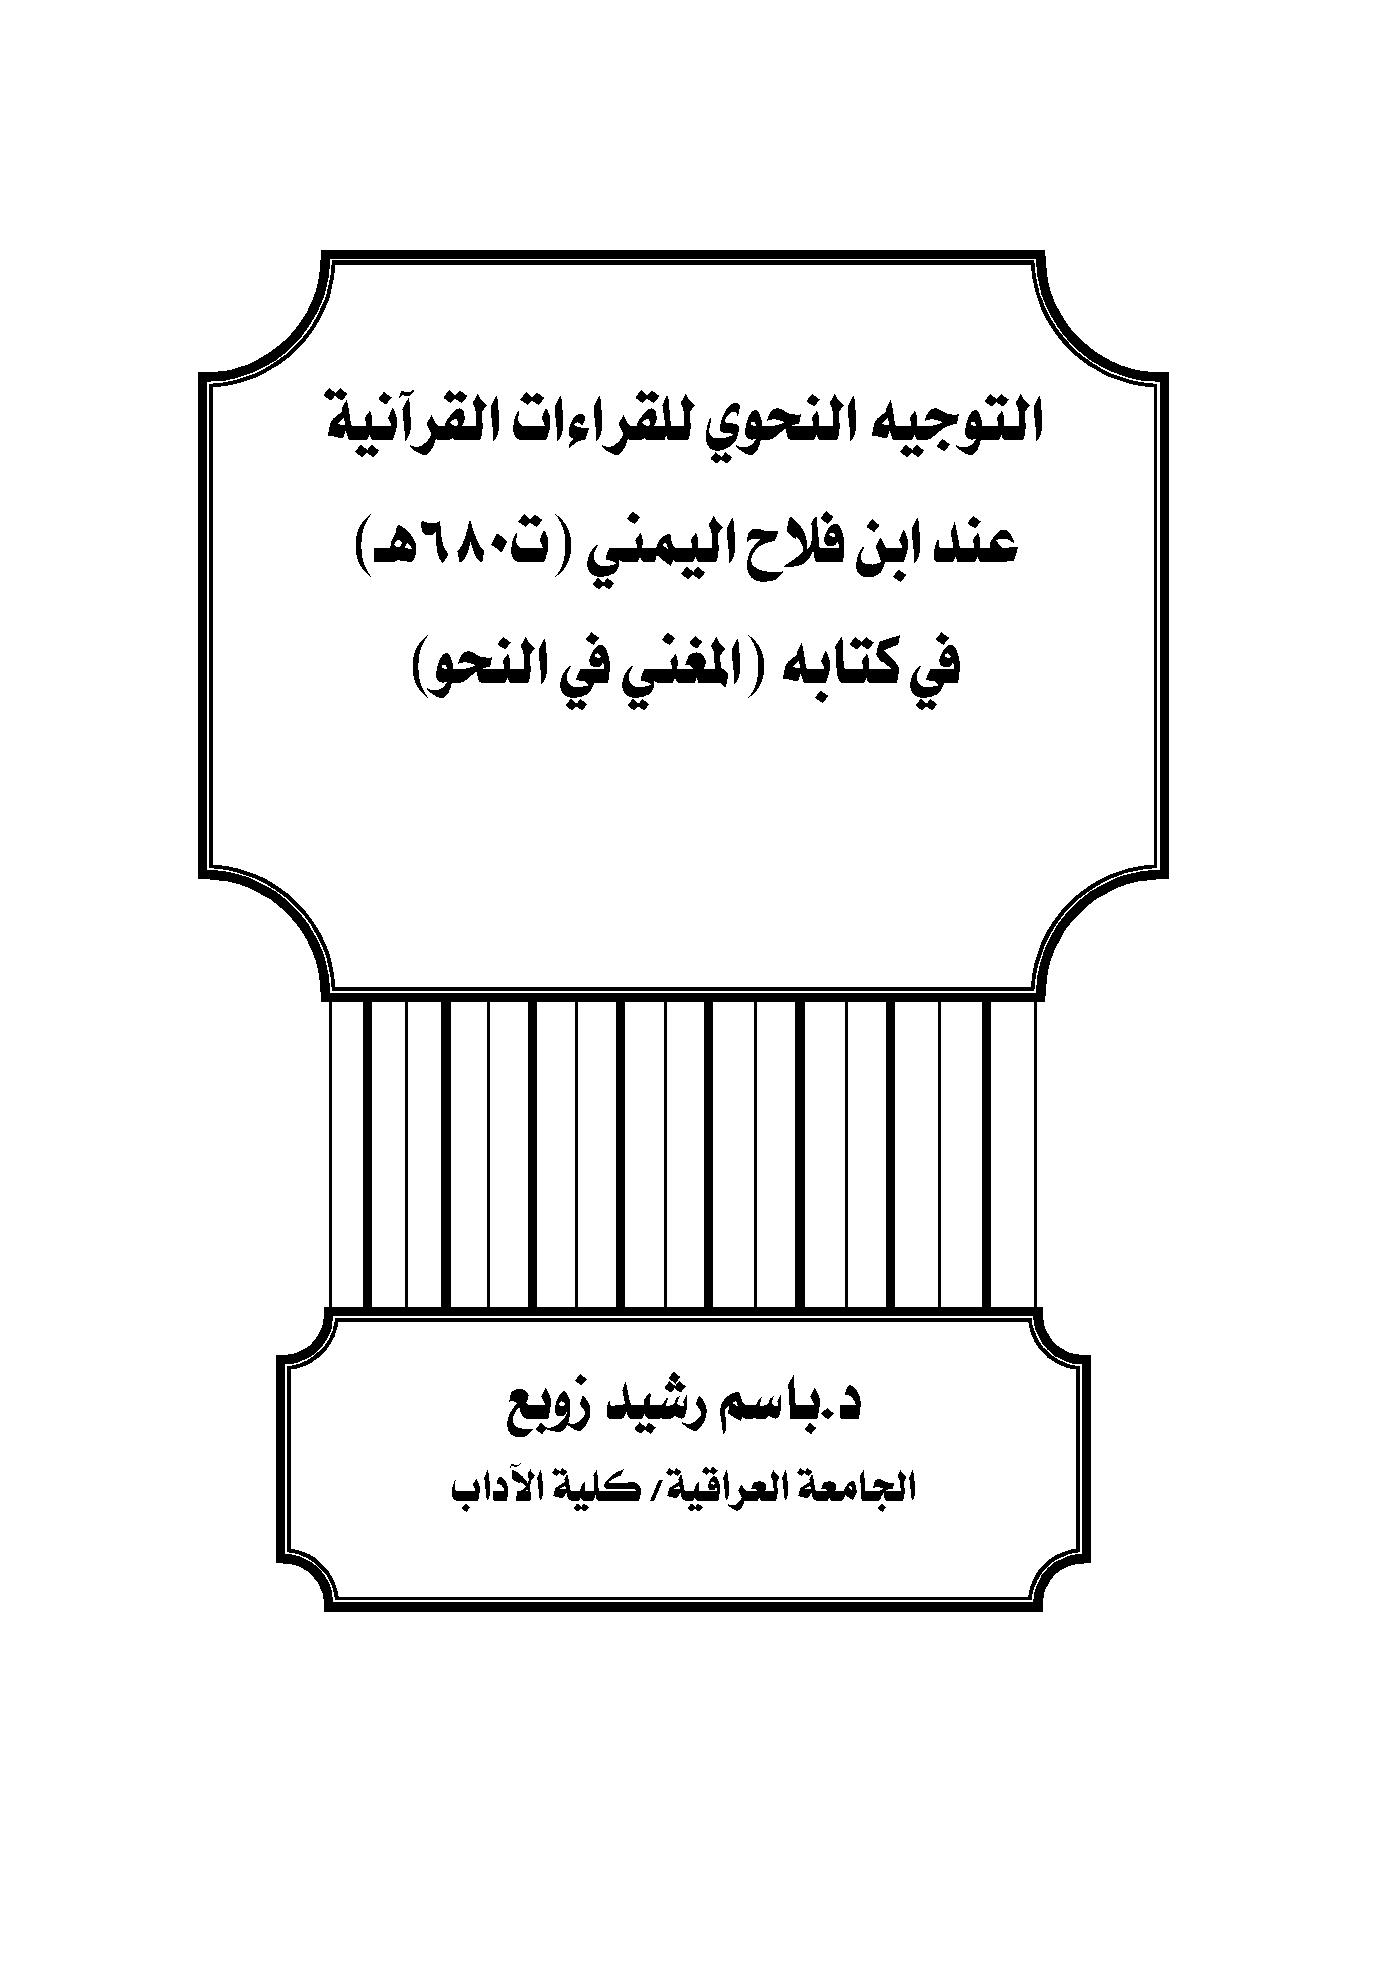 تحميل كتاب التوجيه النحوي للقراءات القرآنية عند ابن فلاح اليمني (ت 680) في كتابه «المغني في النحو» لـِ: الدكتور باسم رشيد زوبع